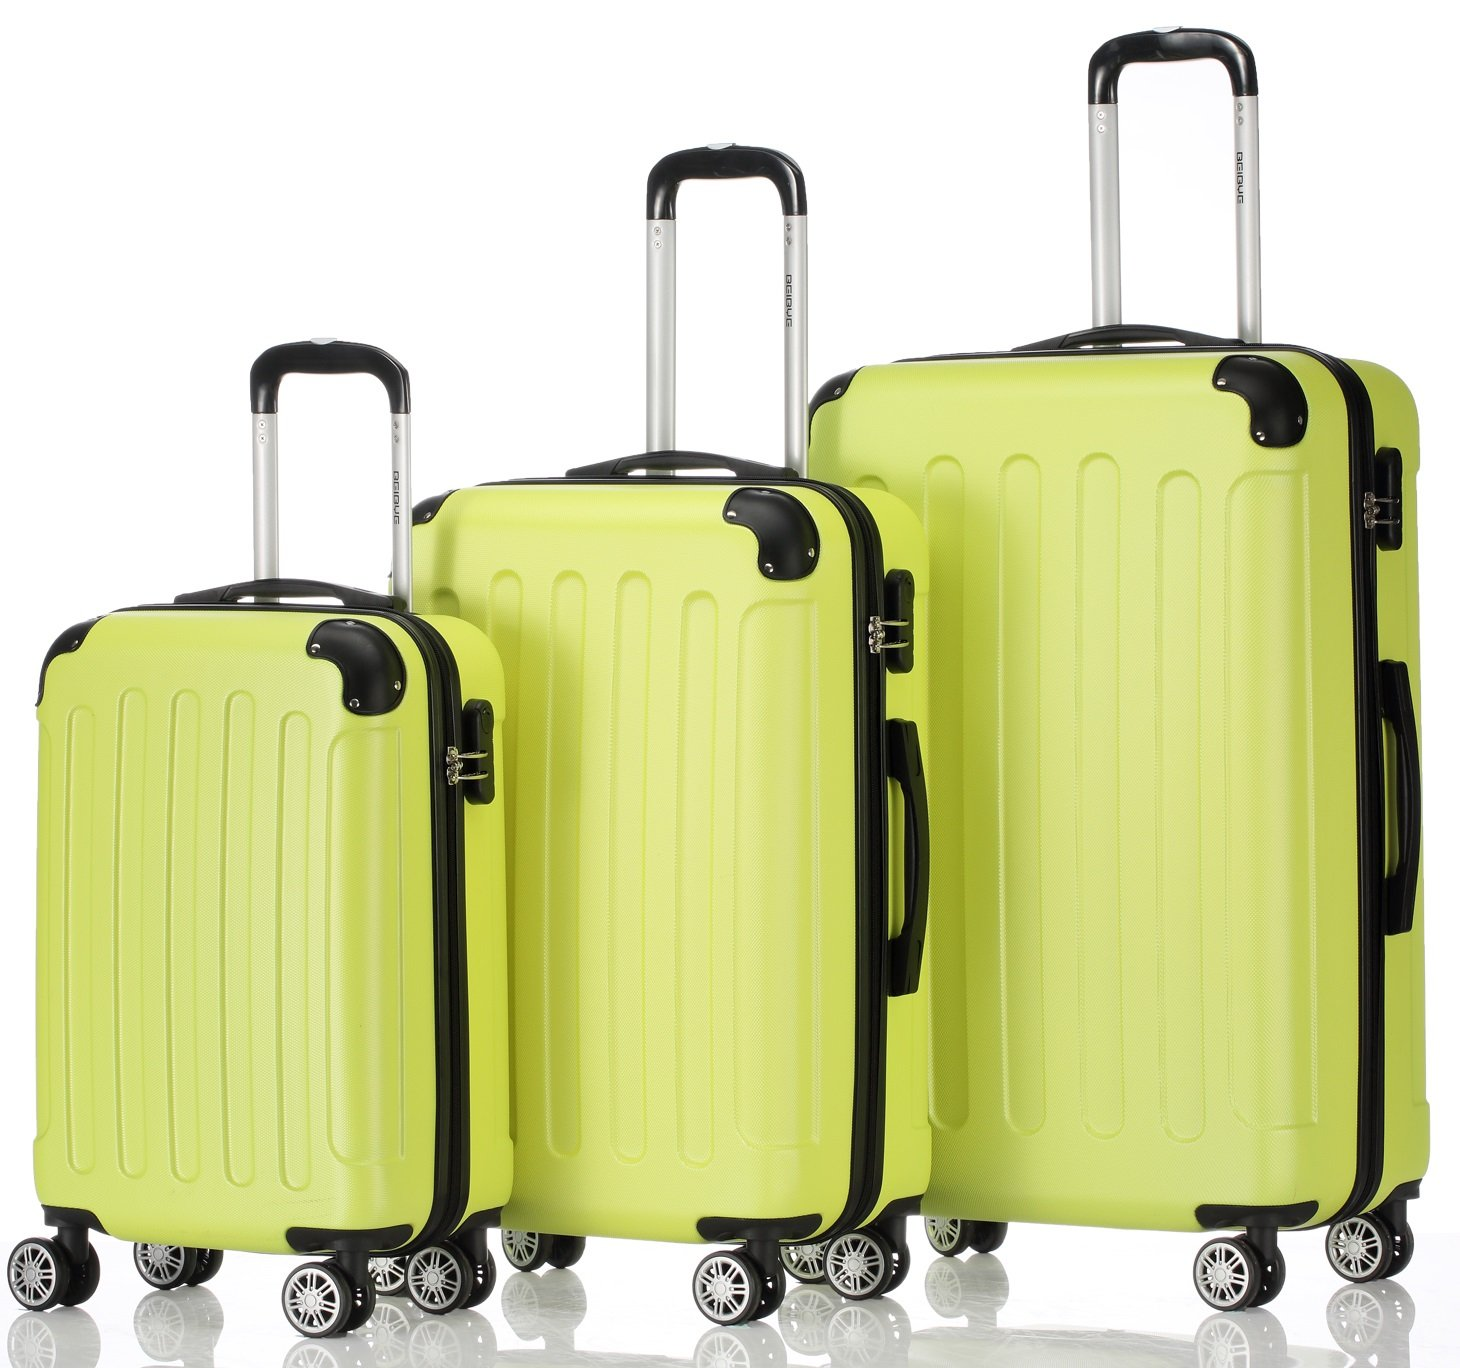 Zwilling ruedas conjunto de equipaje de viaje piezas Juego de equipaje maleta